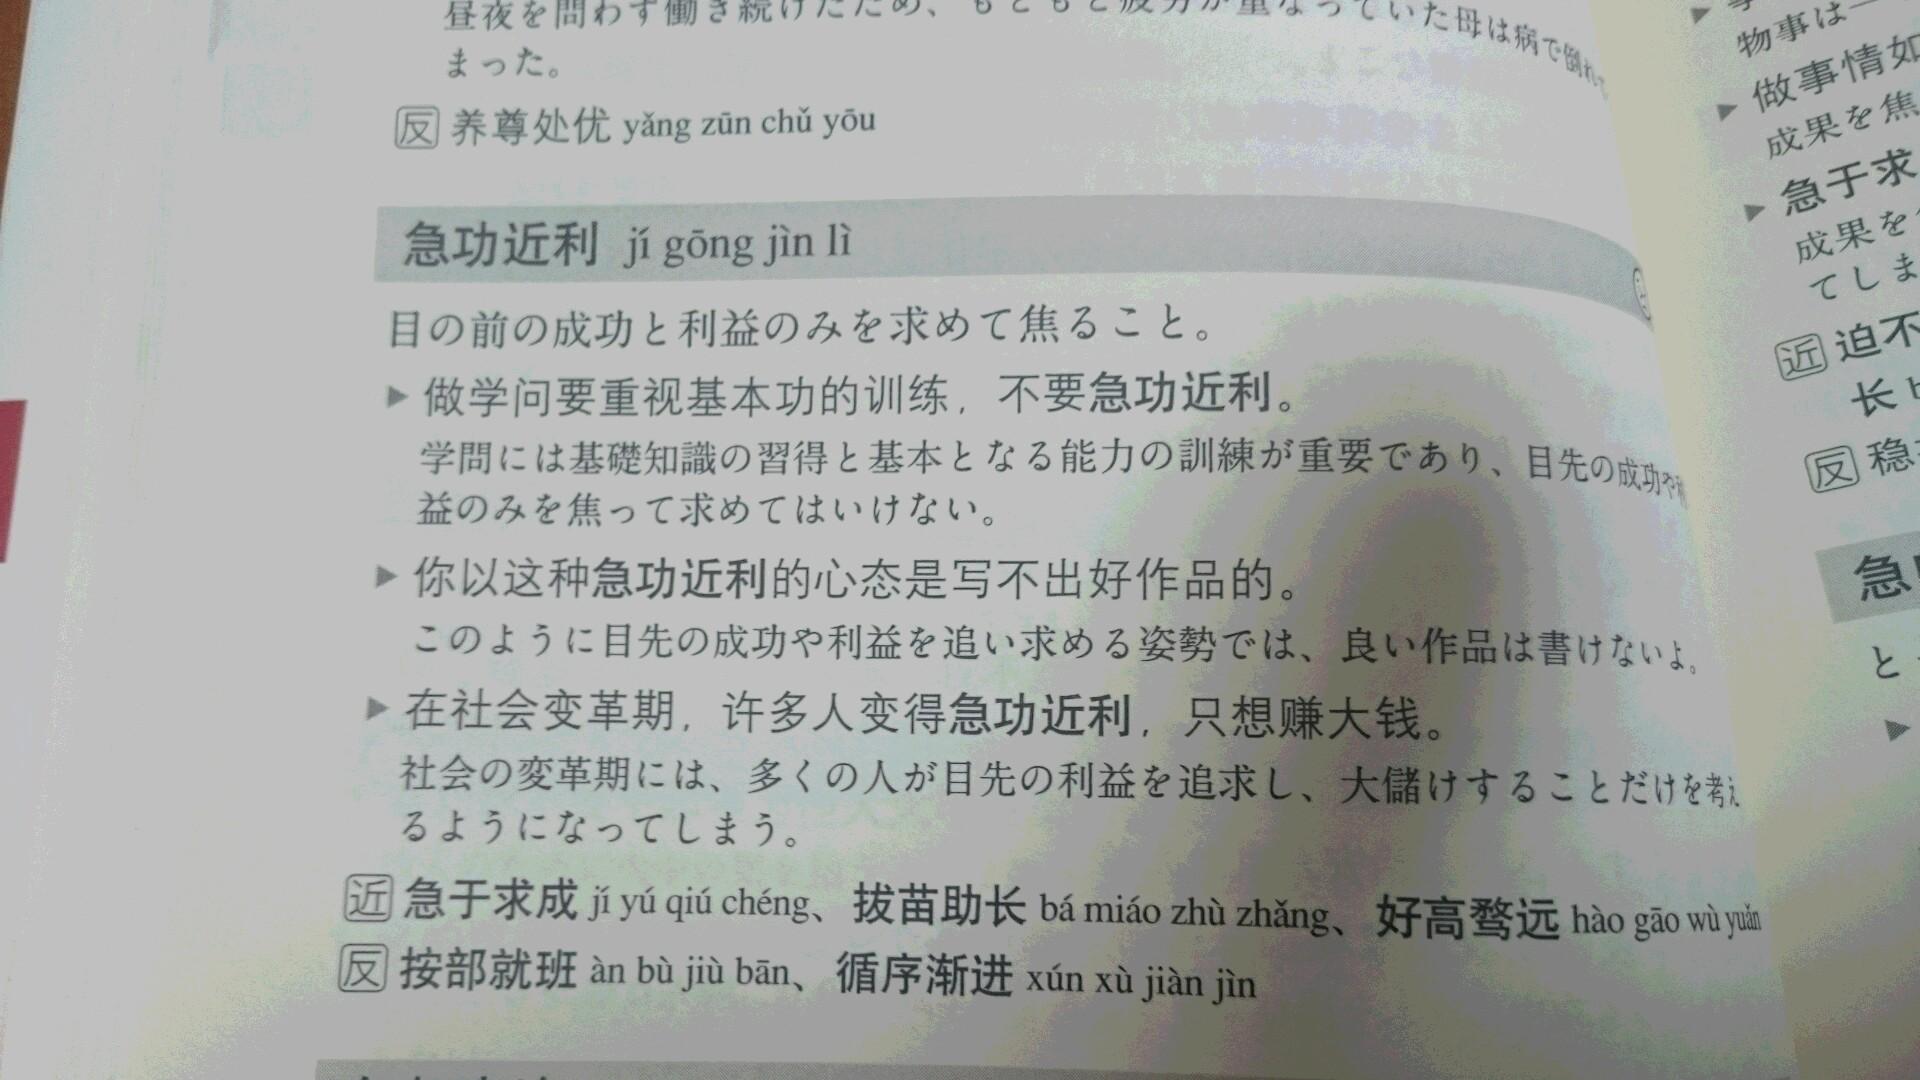 中国語成語ハンドブック